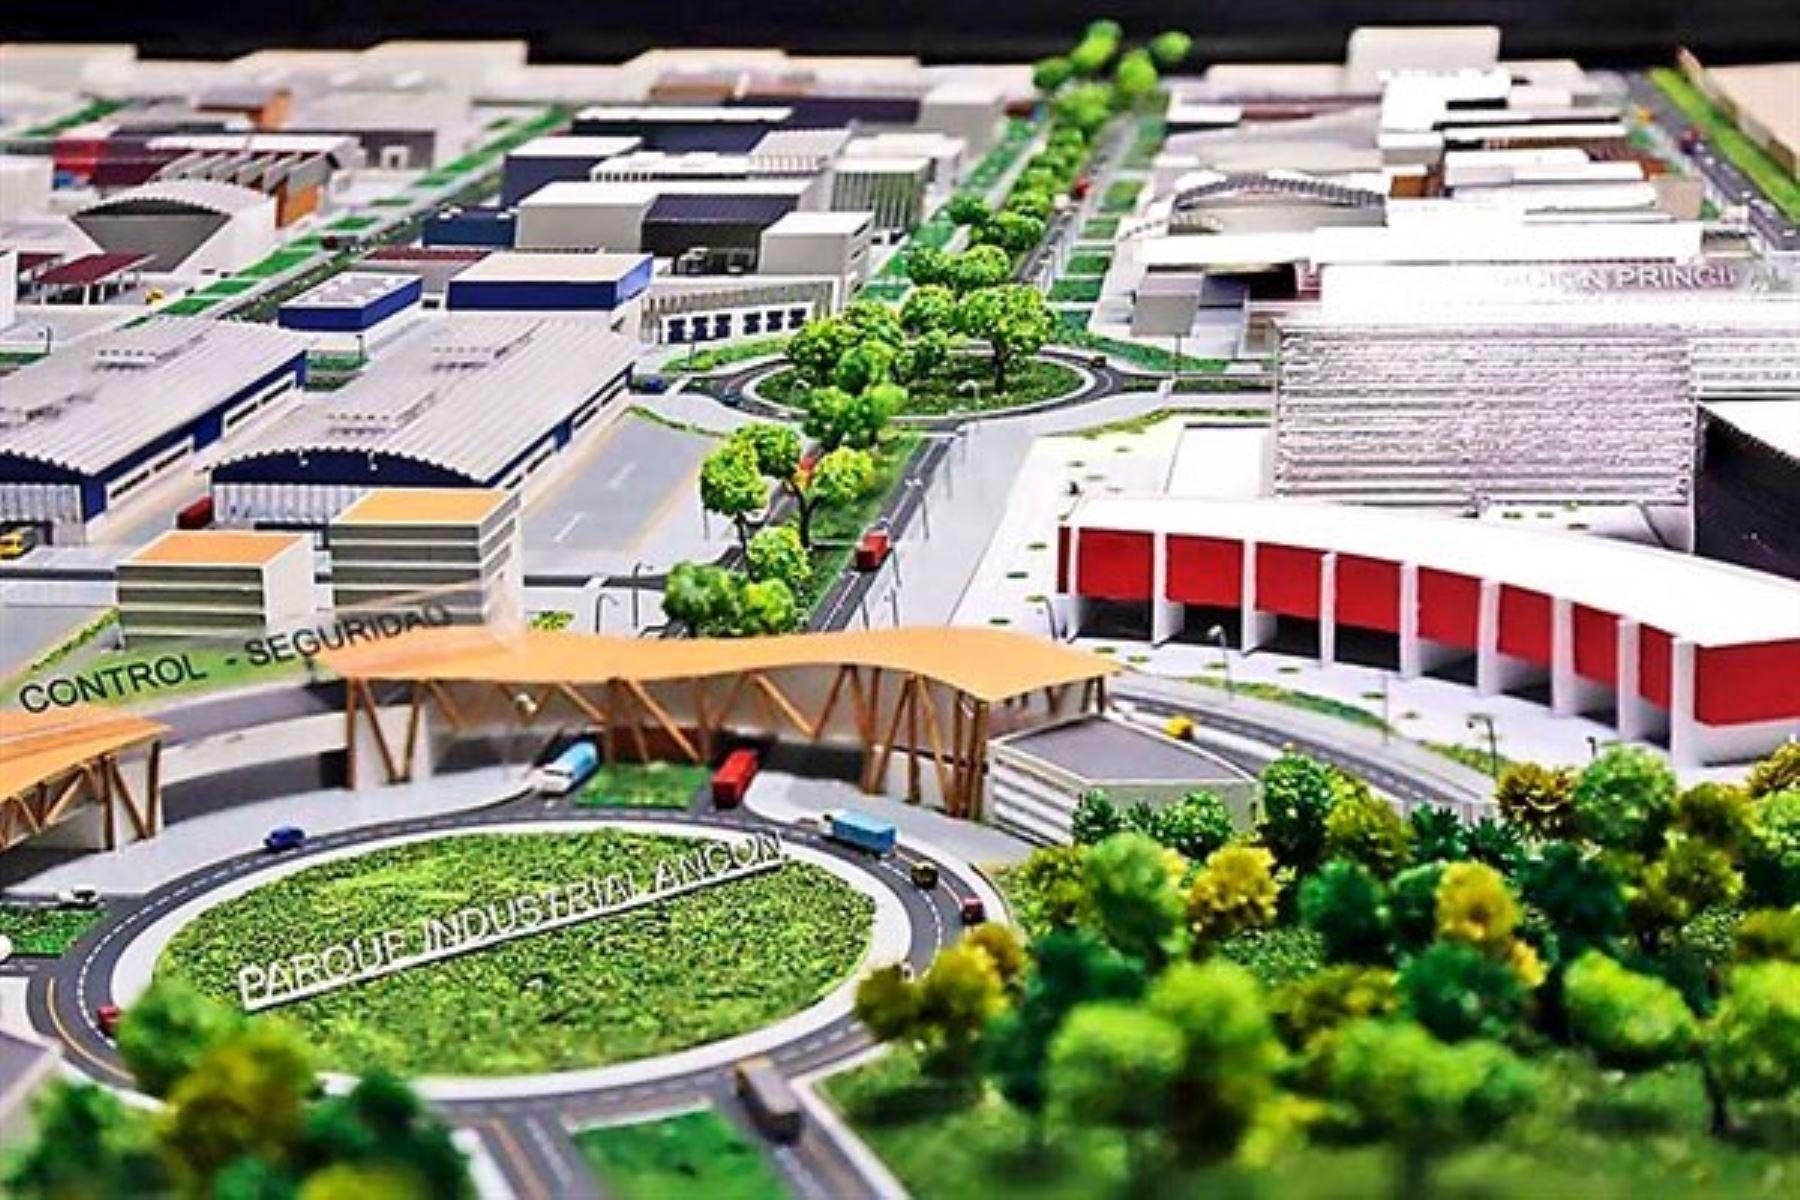 La futura Ciudad Bicentenario será ambientalmente responsable. Foto: ANDINA/Difusión.